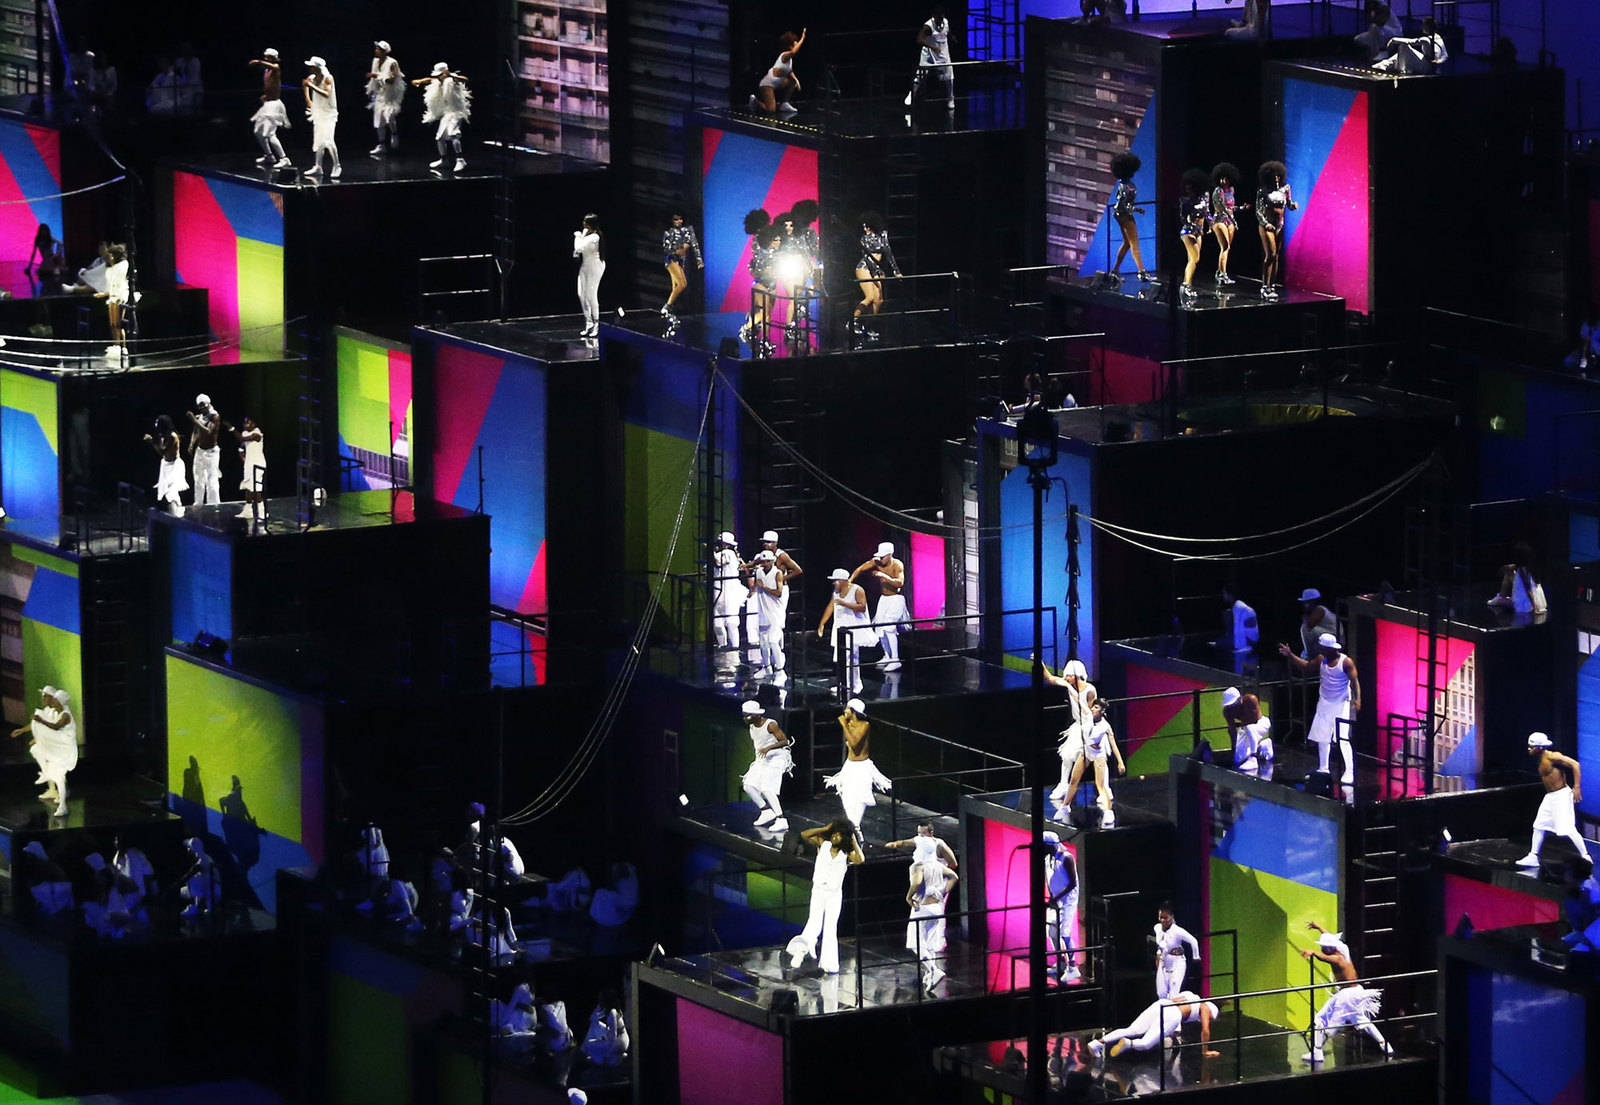 Танцы в большом городе на церемонии открытия олимпиады в Рио